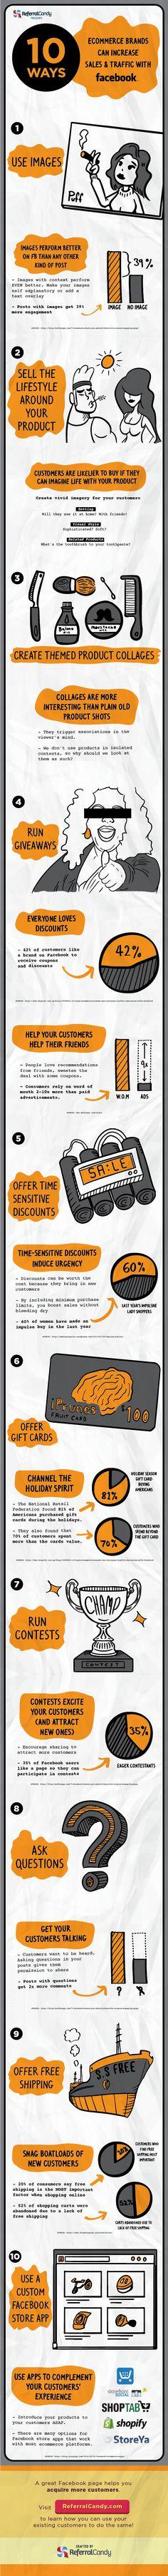 10 modi per aumentare traffico e vendite usando Facebook